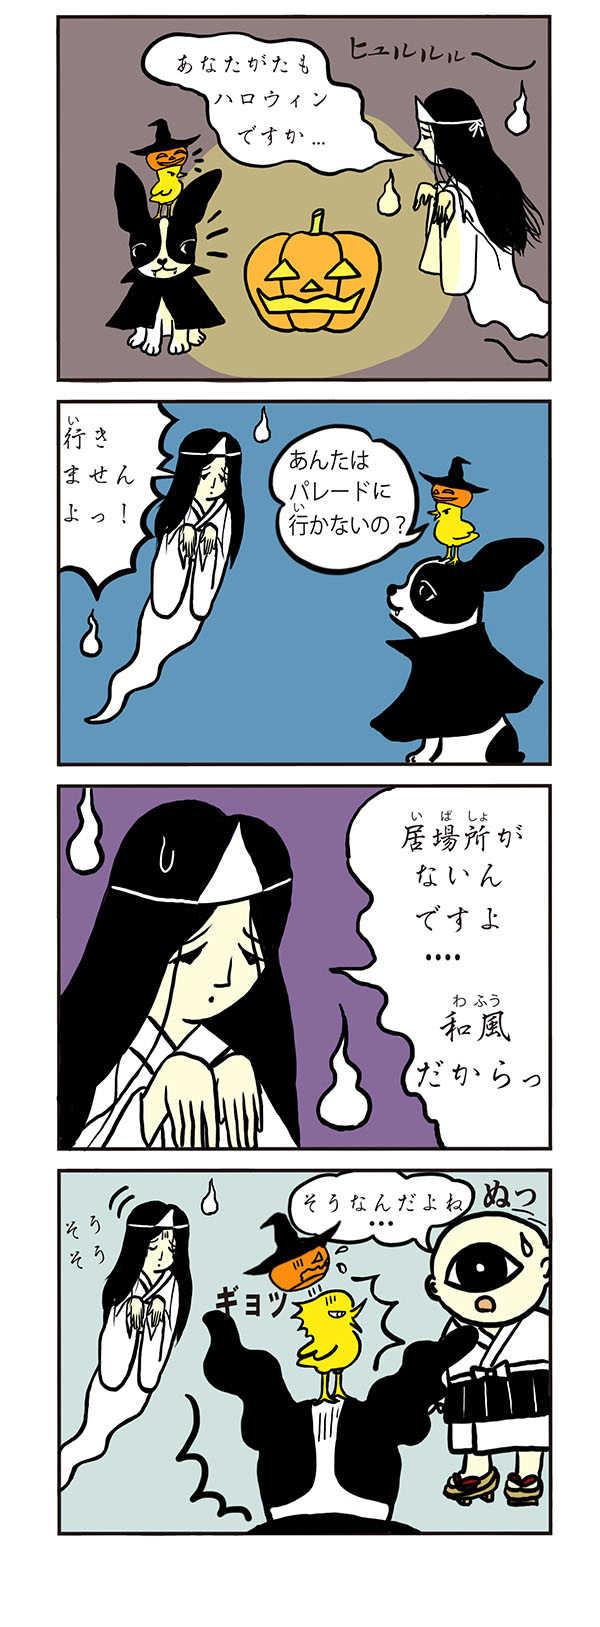 ハロウィンなんて